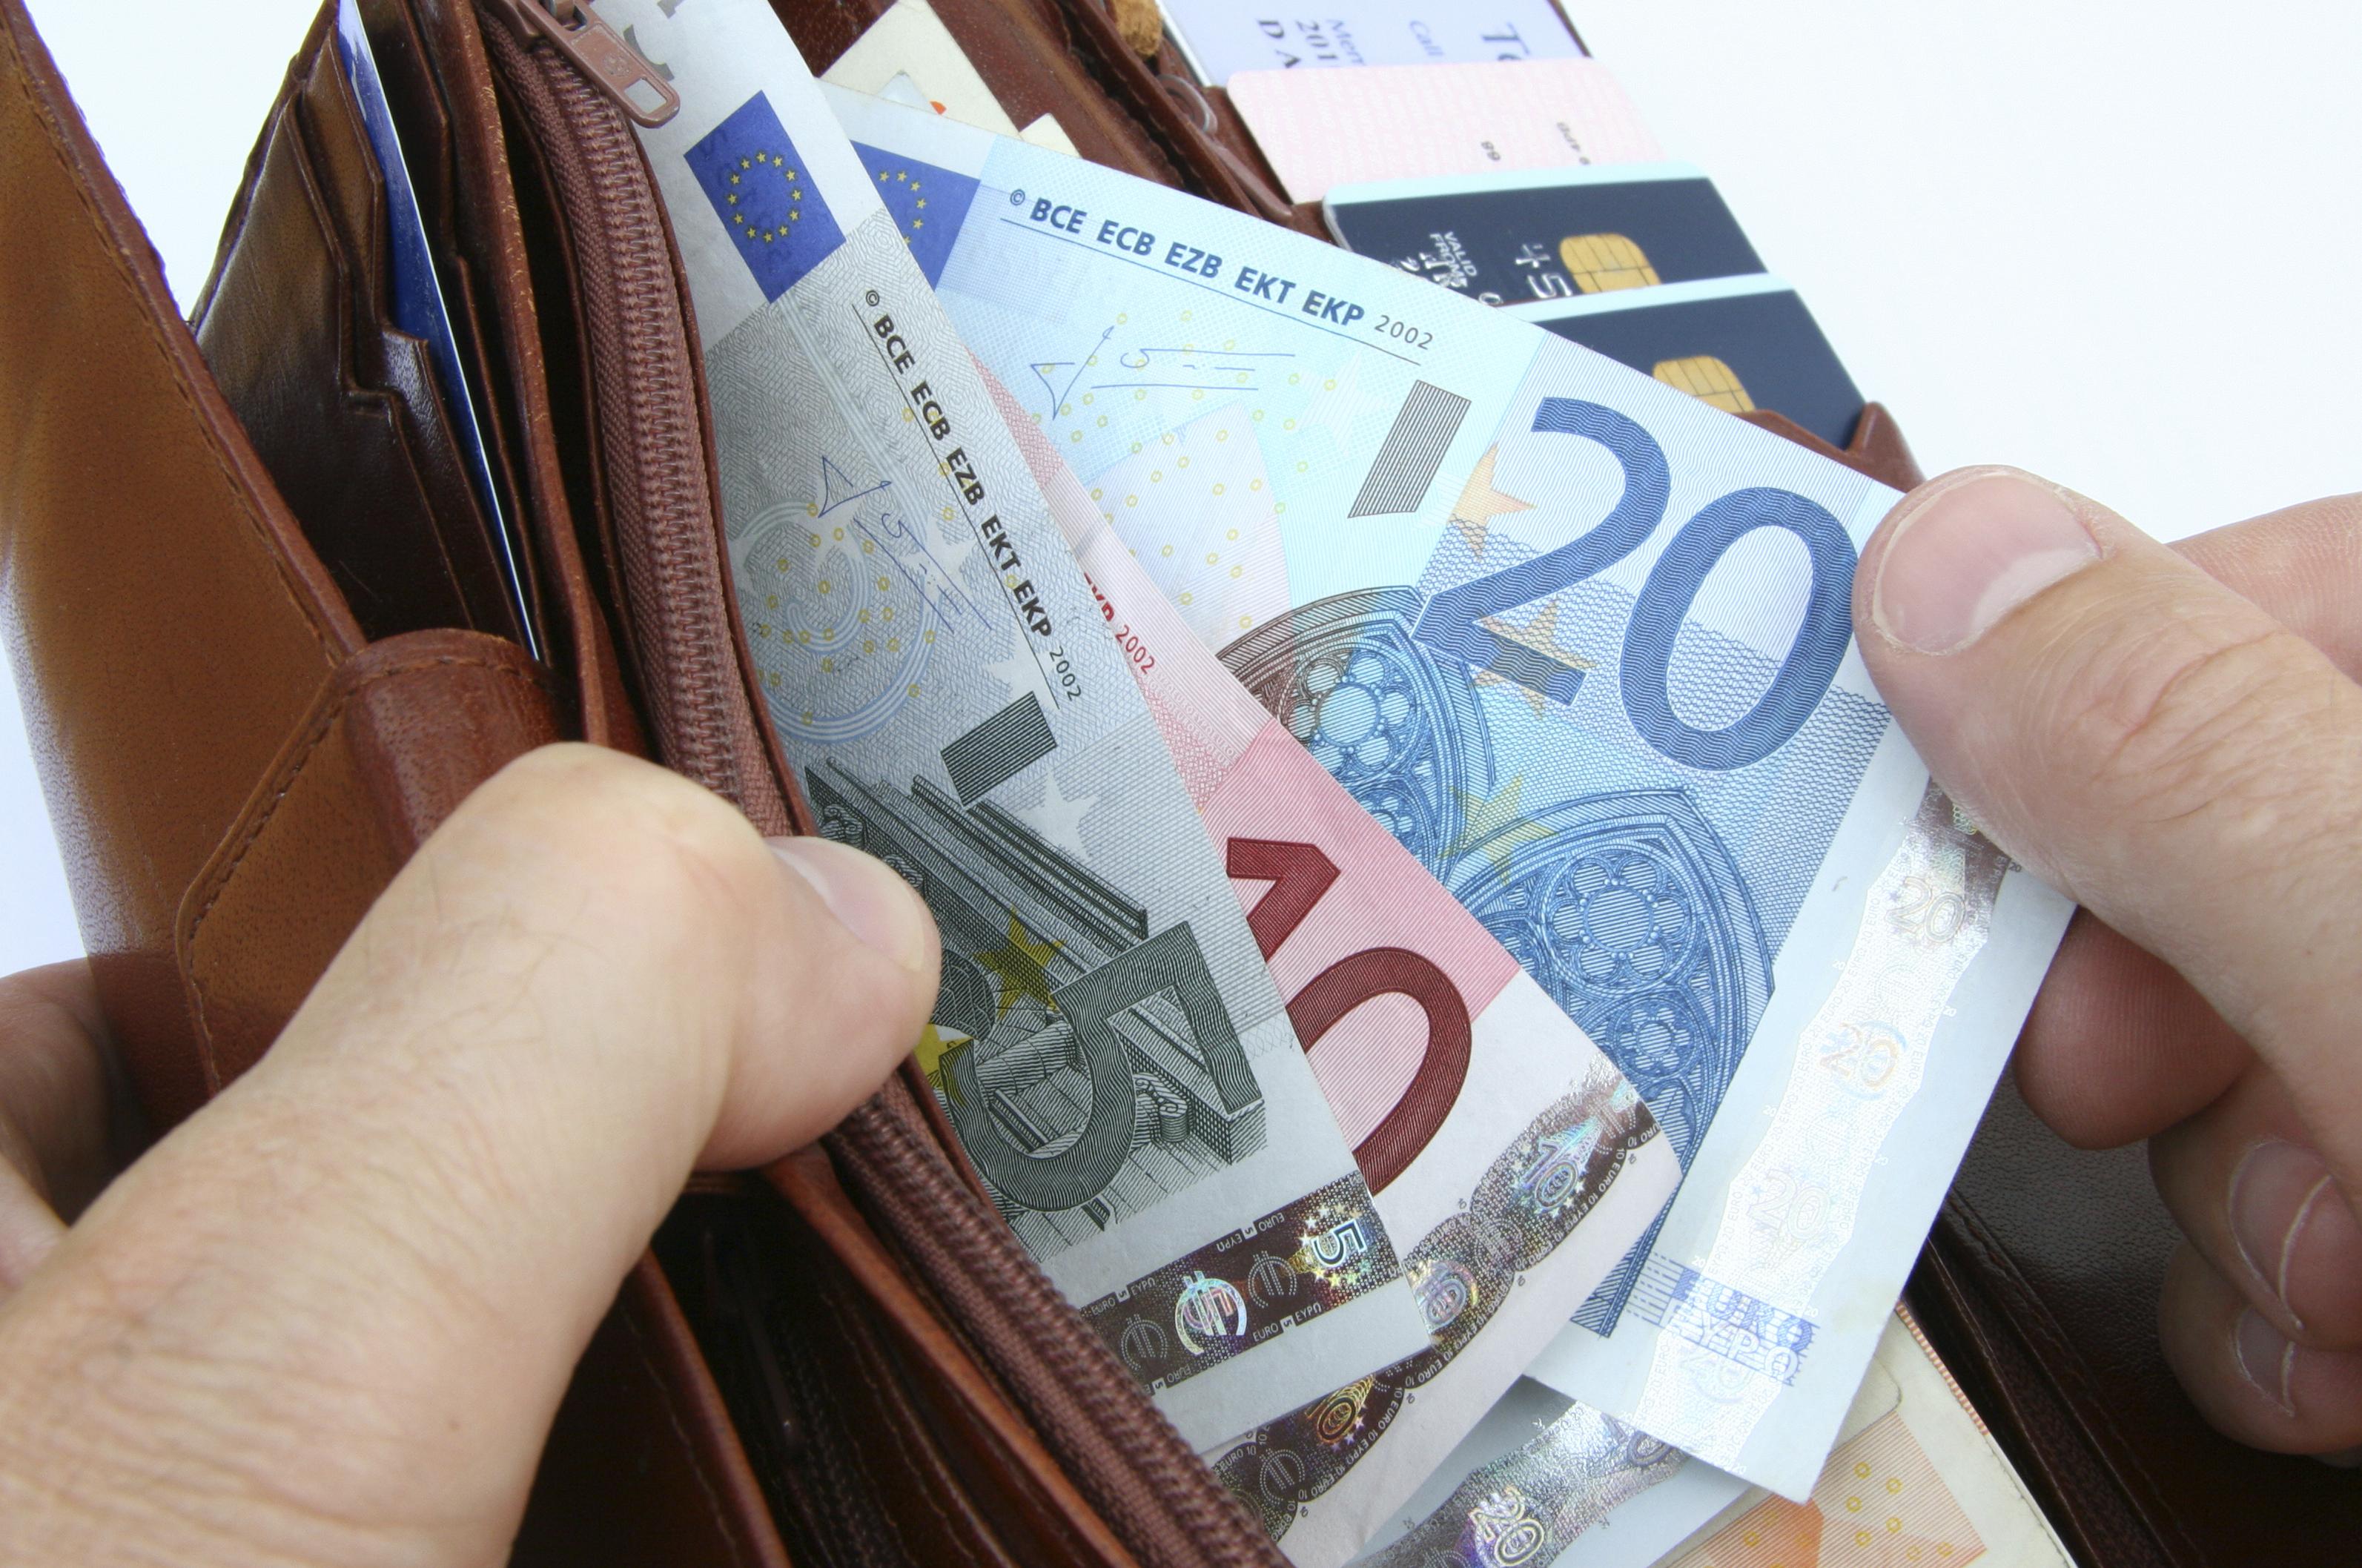 euro-geld-portemonnee.jpg